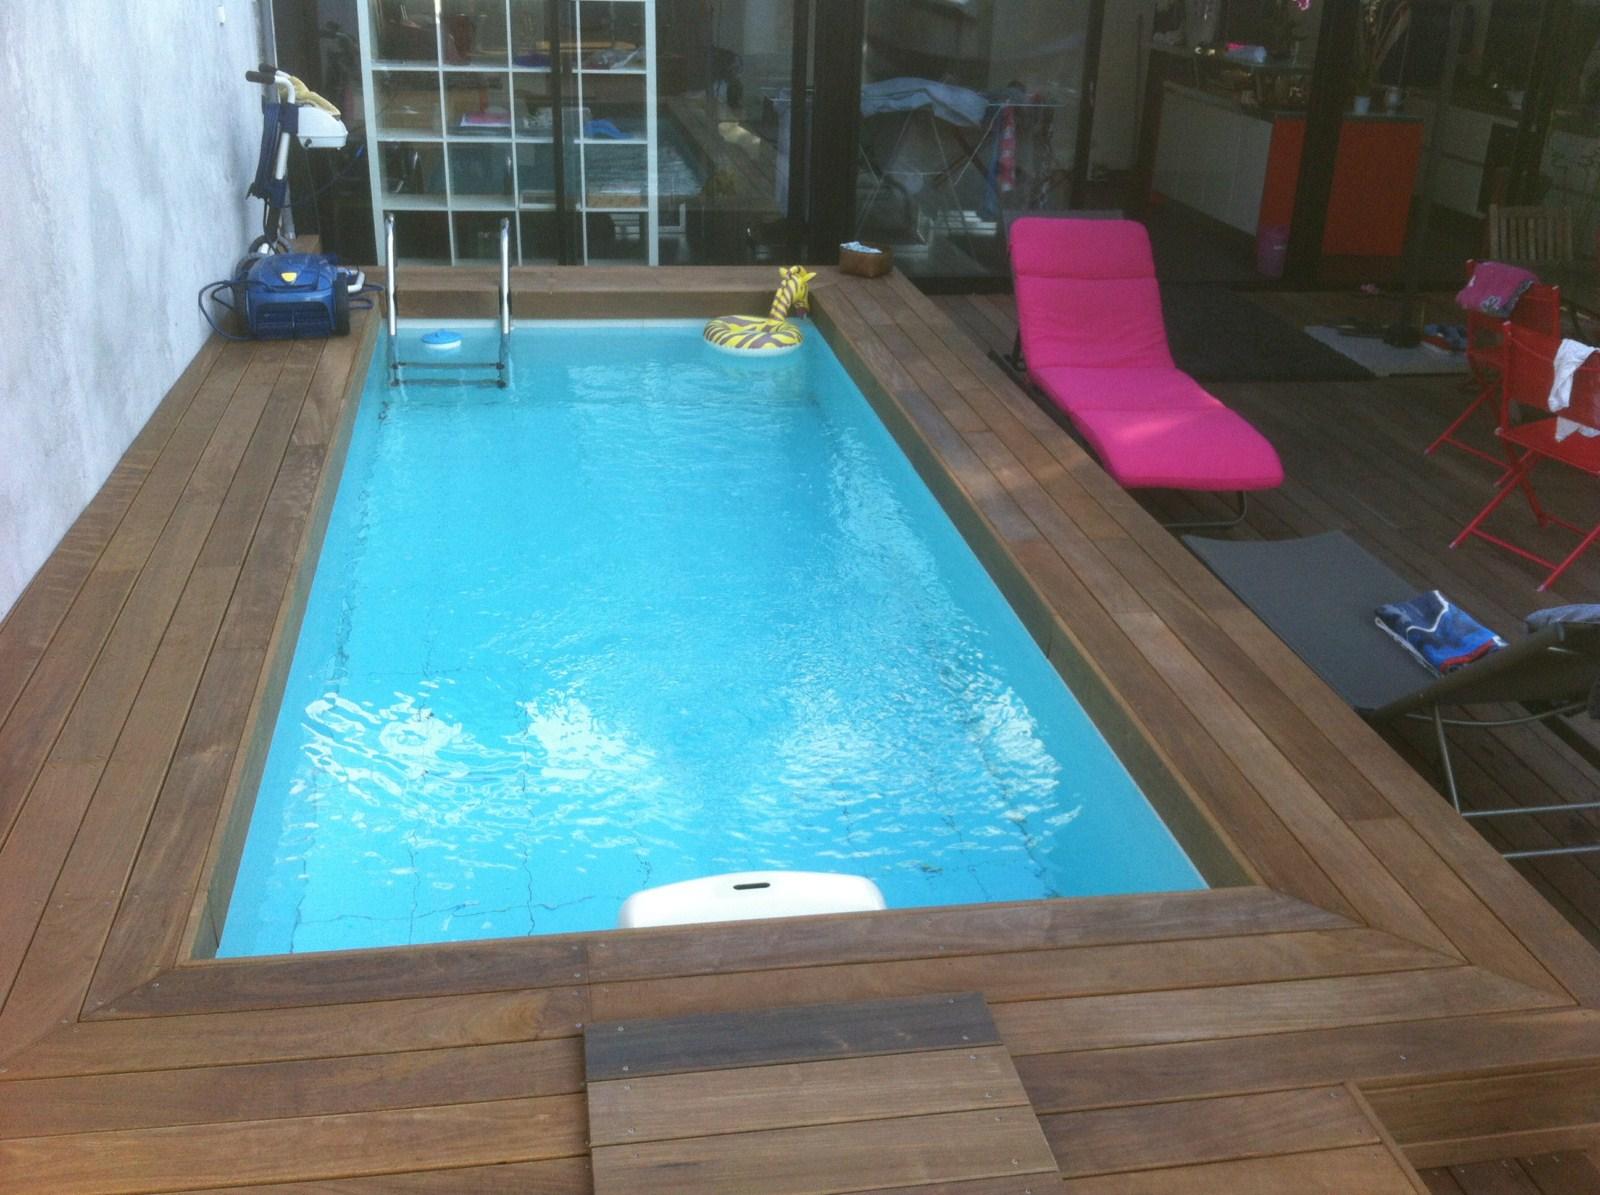 Tour de piscine en bois exotique ipe marseille les terrasses du bois - Tour de piscine en bois ...